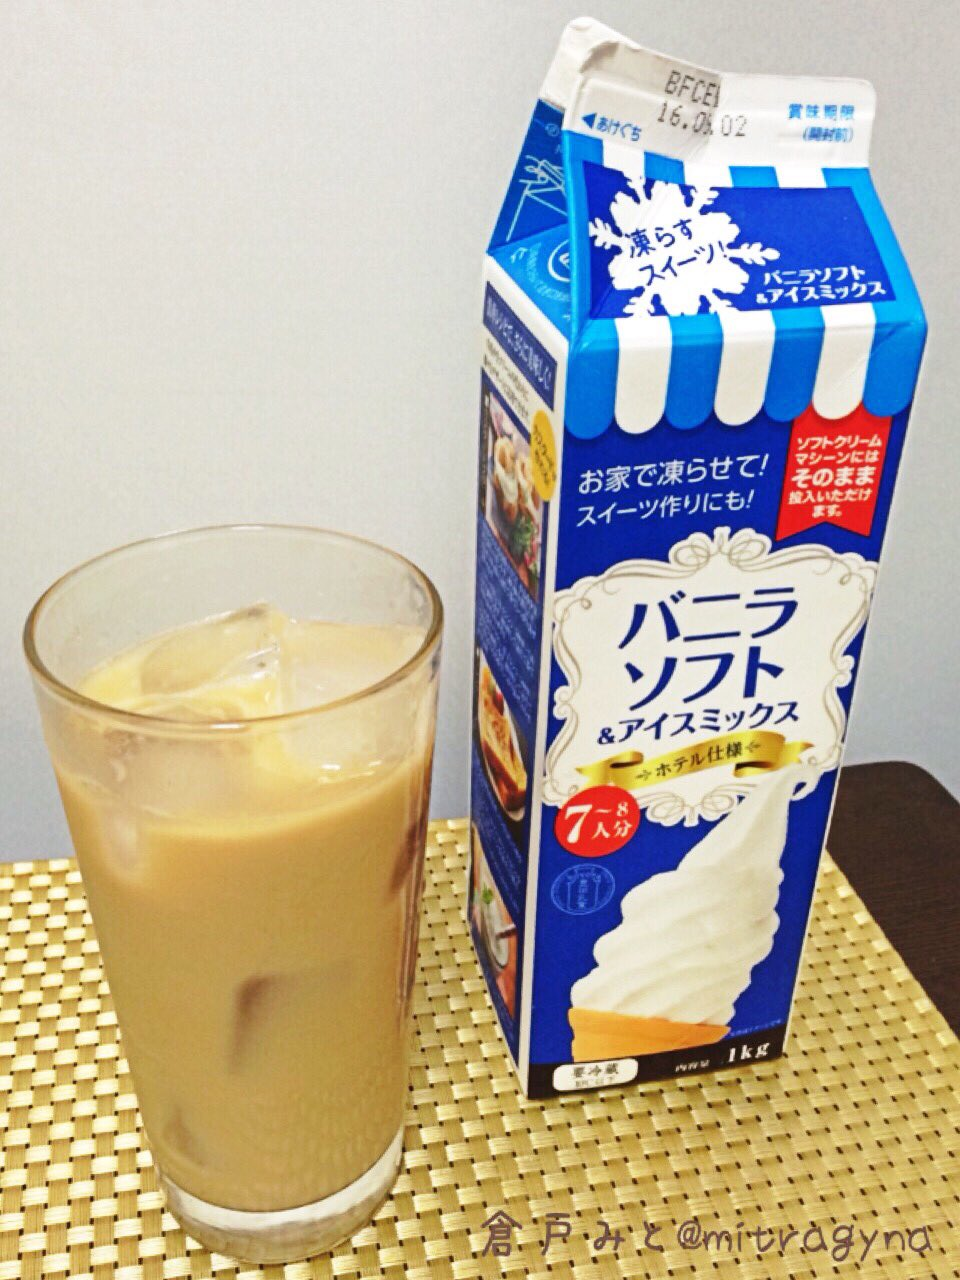 業務スーパーのバニラソフト原液、 【アイスコーヒーに入れると、めっちゃウマい】 という発見をしたので、ご報告します。